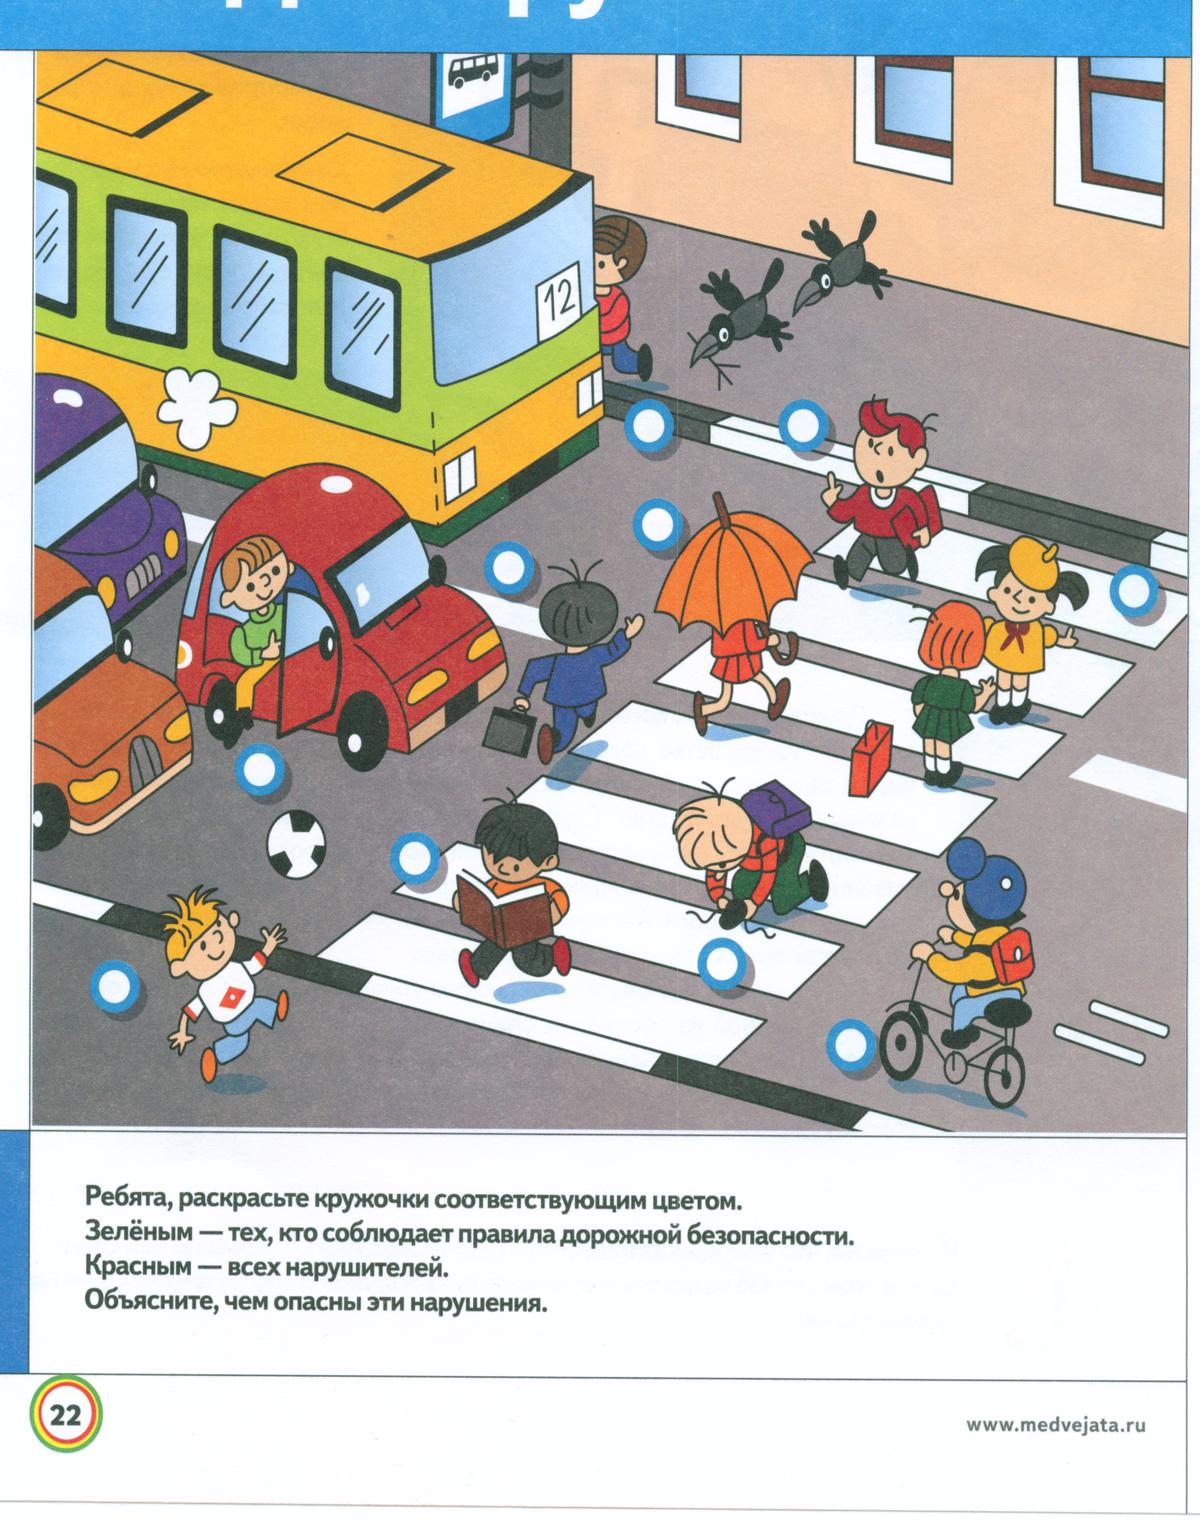 картинки для занятий по пдд с ситуациями на дорогах бояны можно проверять